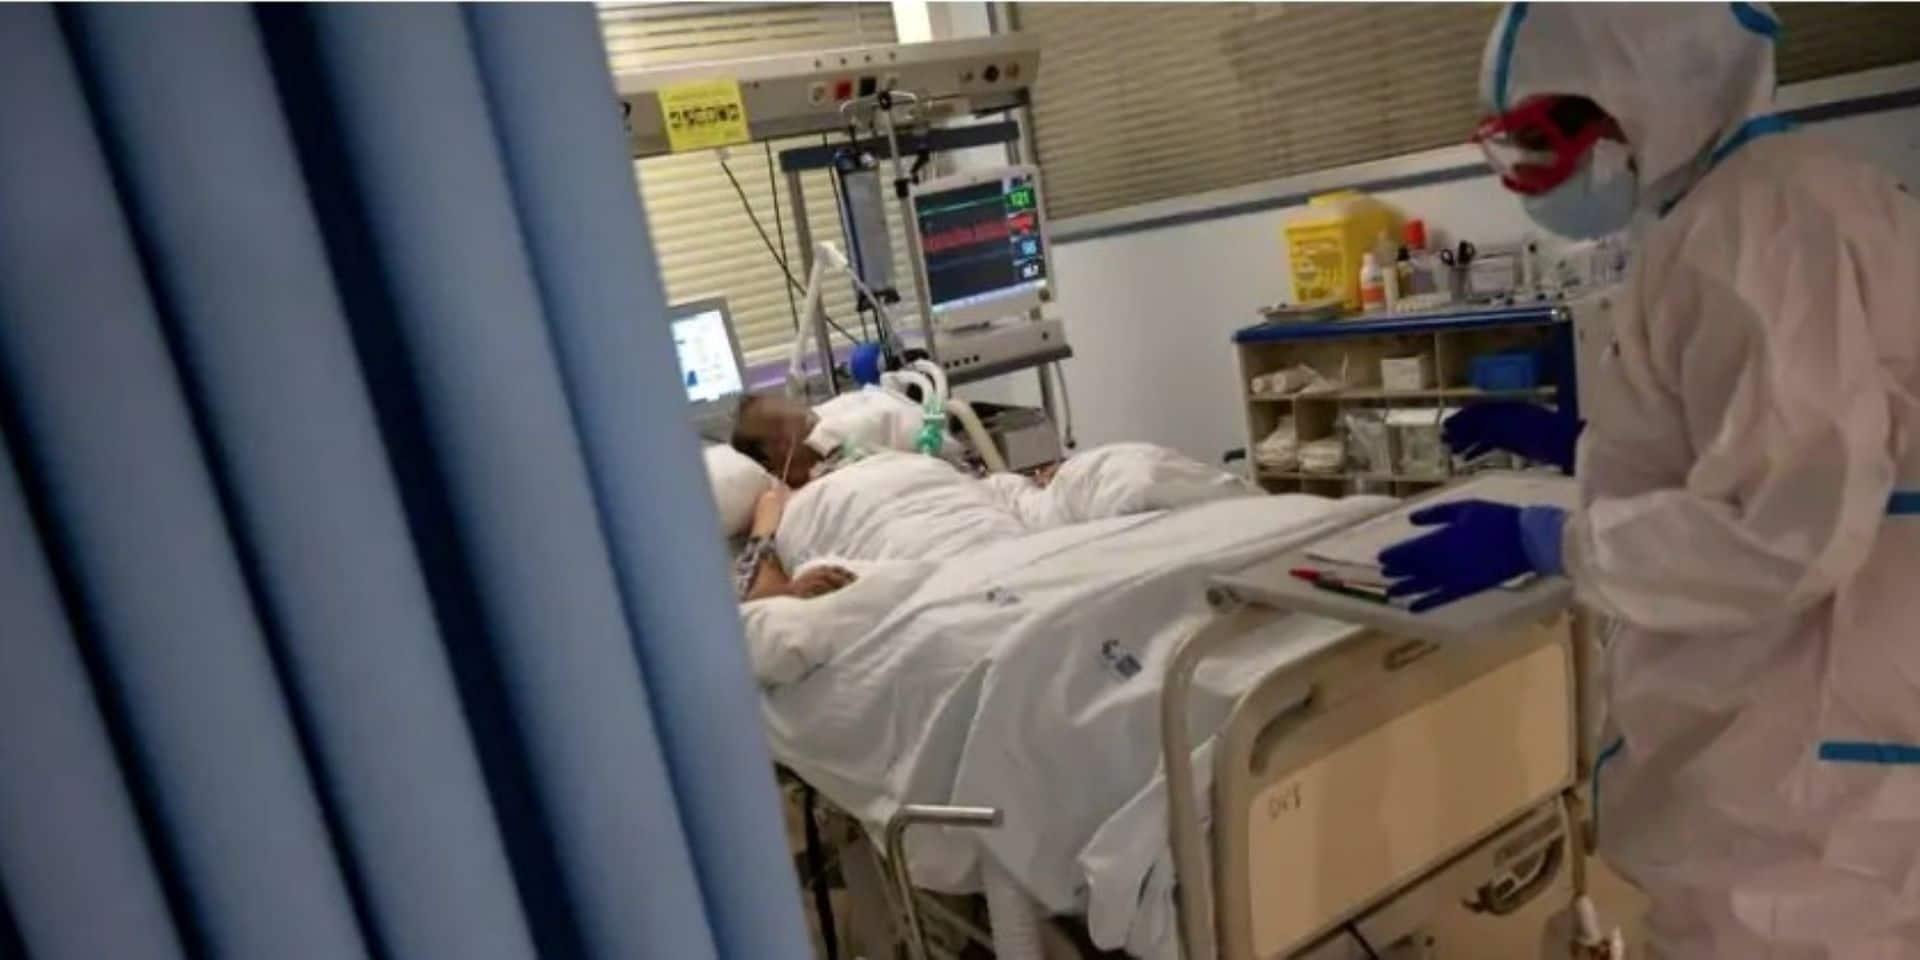 Hôpitaux en province de Luxembourg : la phase 2 A sera opérationnelle le 28 octobre